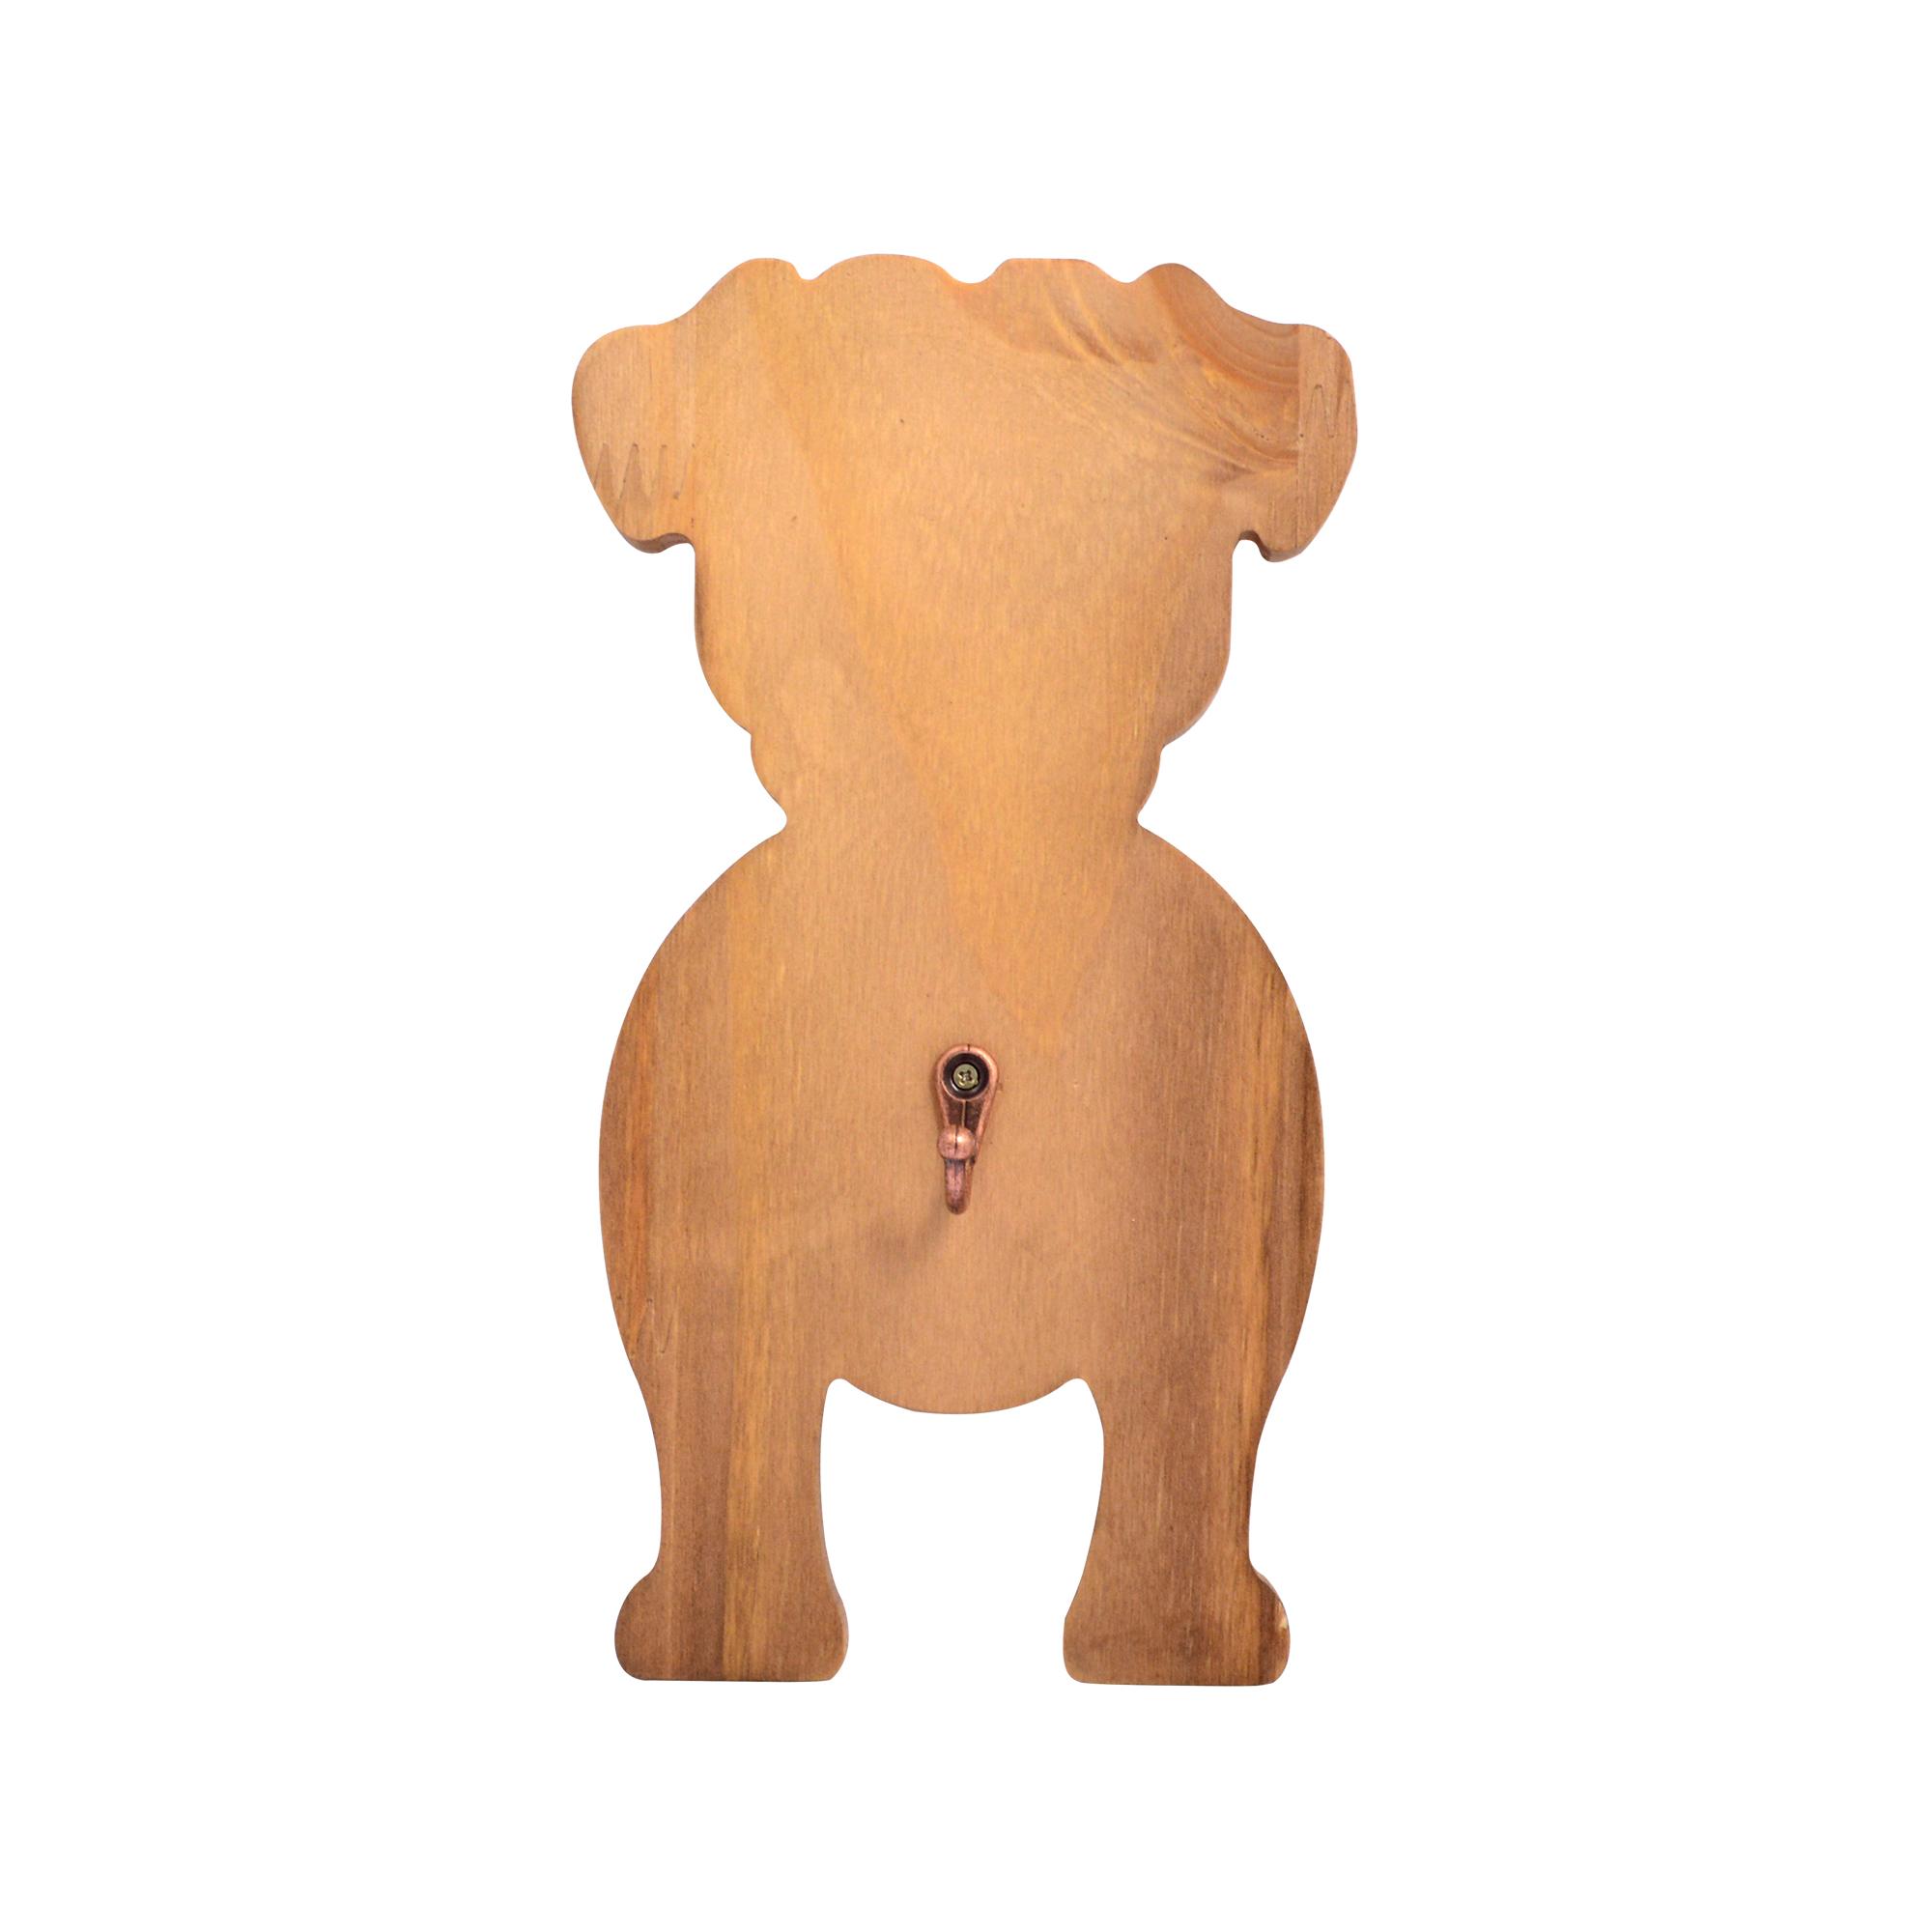 Pendurador de madeira Pug